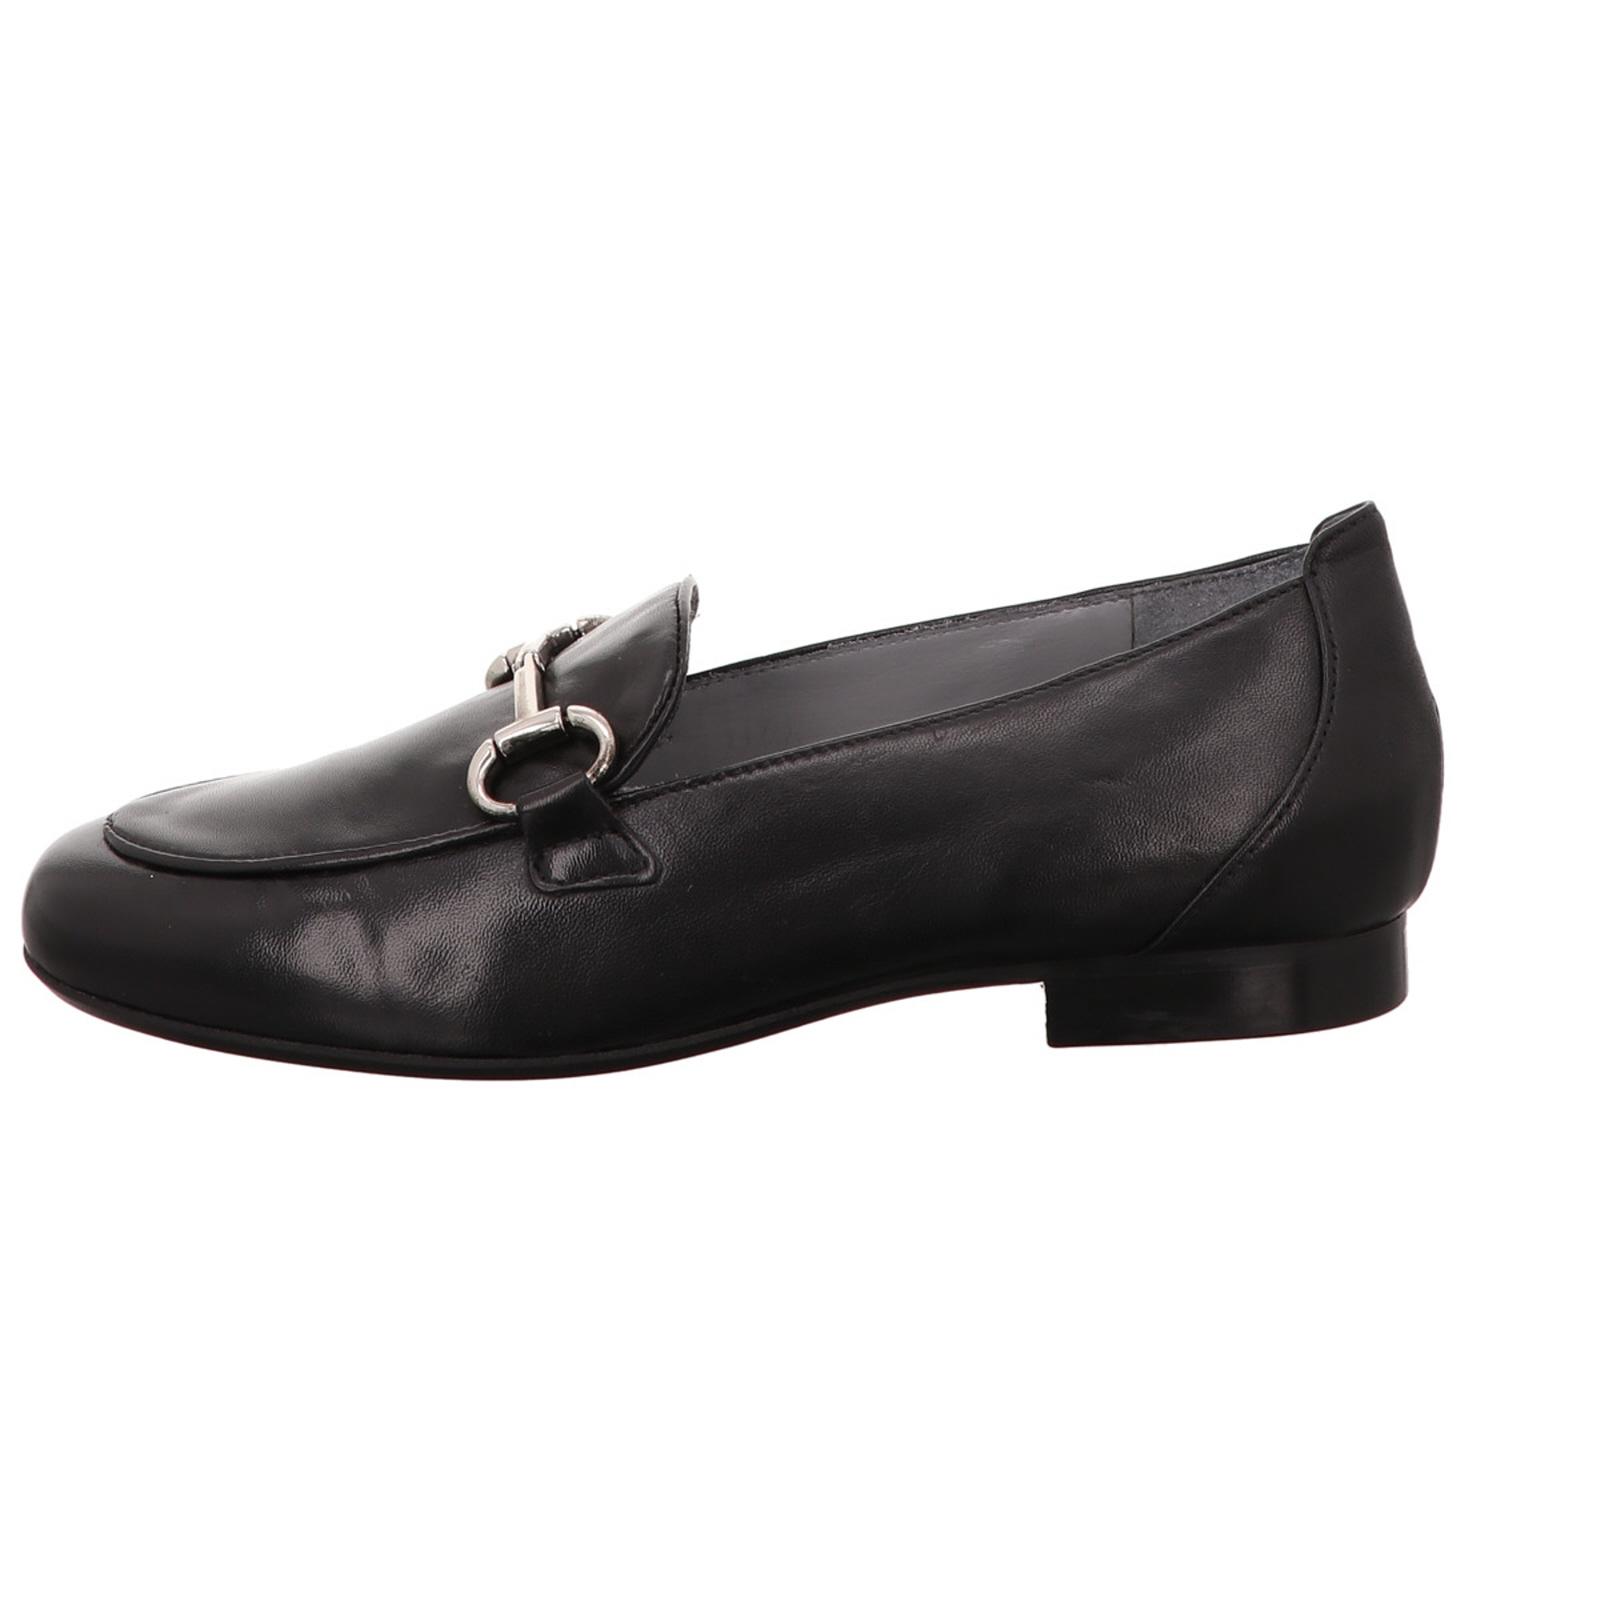 Damen Slipper Maripe' Mode schwarz  Glattleder NEU Gr.38